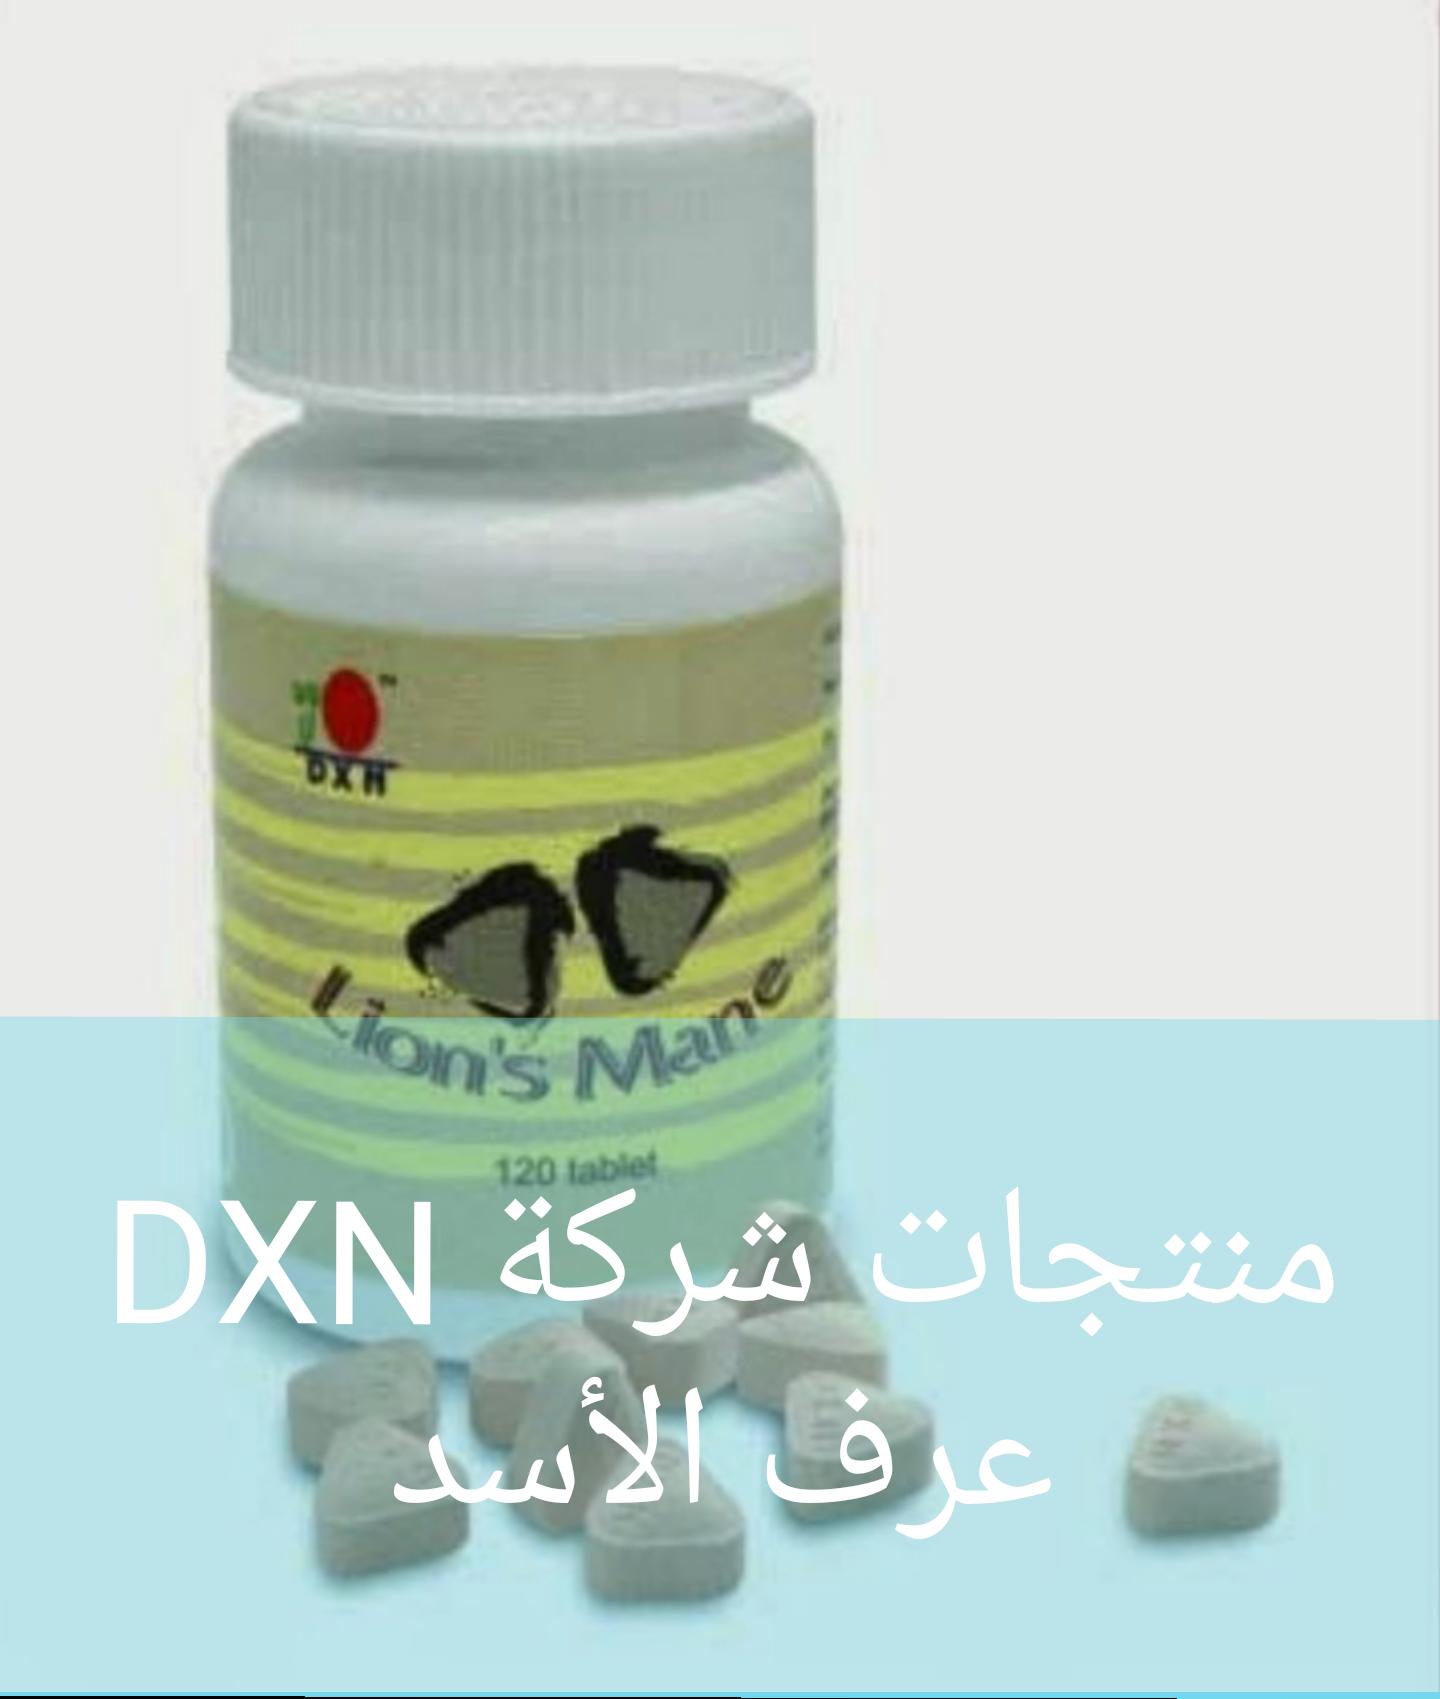 فطر عرف الأسد من شركة dxn ، استخدام عرف الأسد ، فوائد عرف الأسد ، مكونات عرف الأسد ، أضرار عرف الأسد